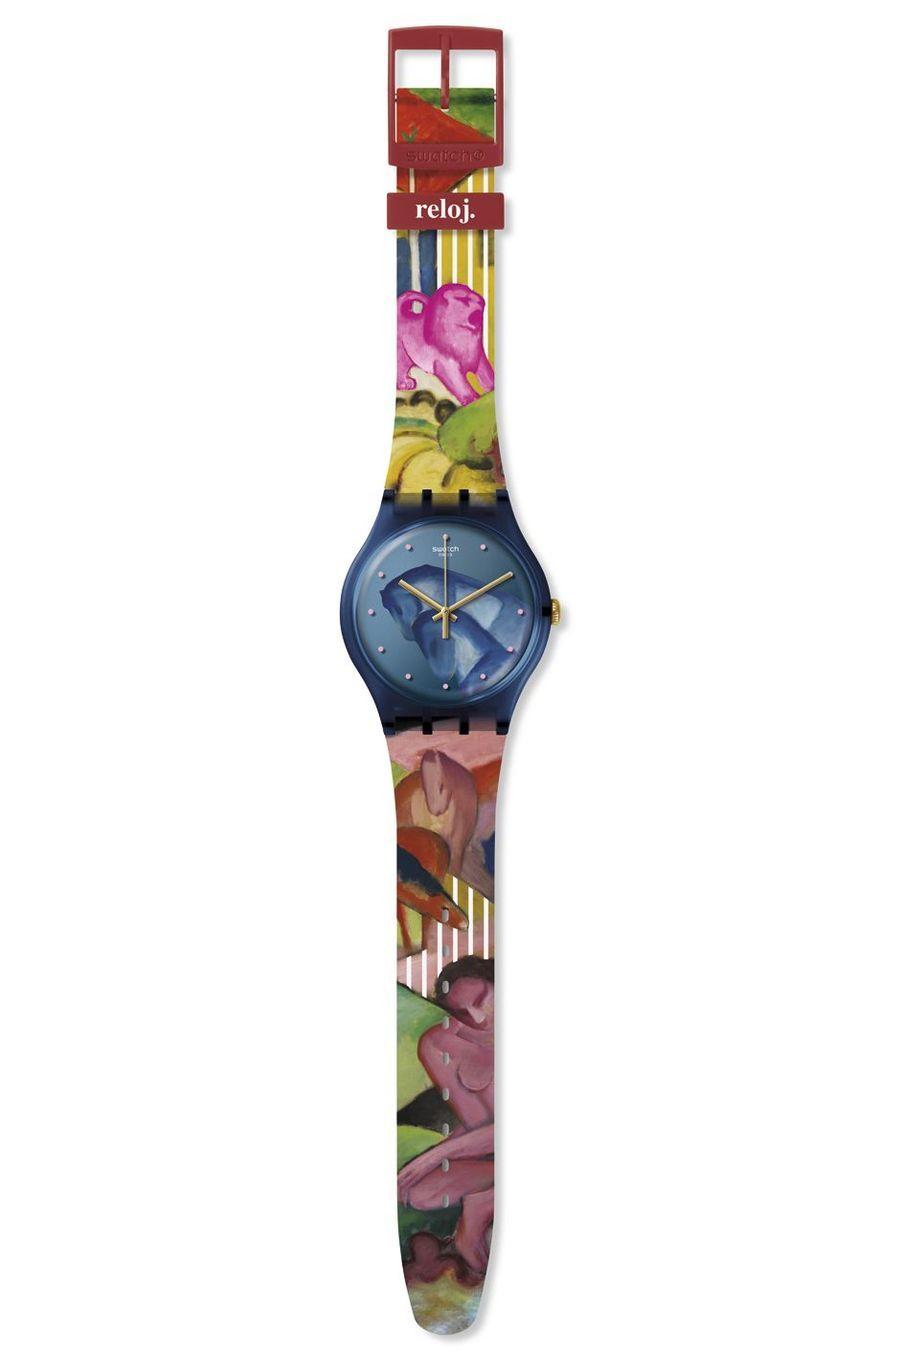 Sleepy Garden en plastique, 39 mm de diamètre, mouvement à quartz, bracelet en silicone. Swatch. Série limitée à 2 500 exemplaires.